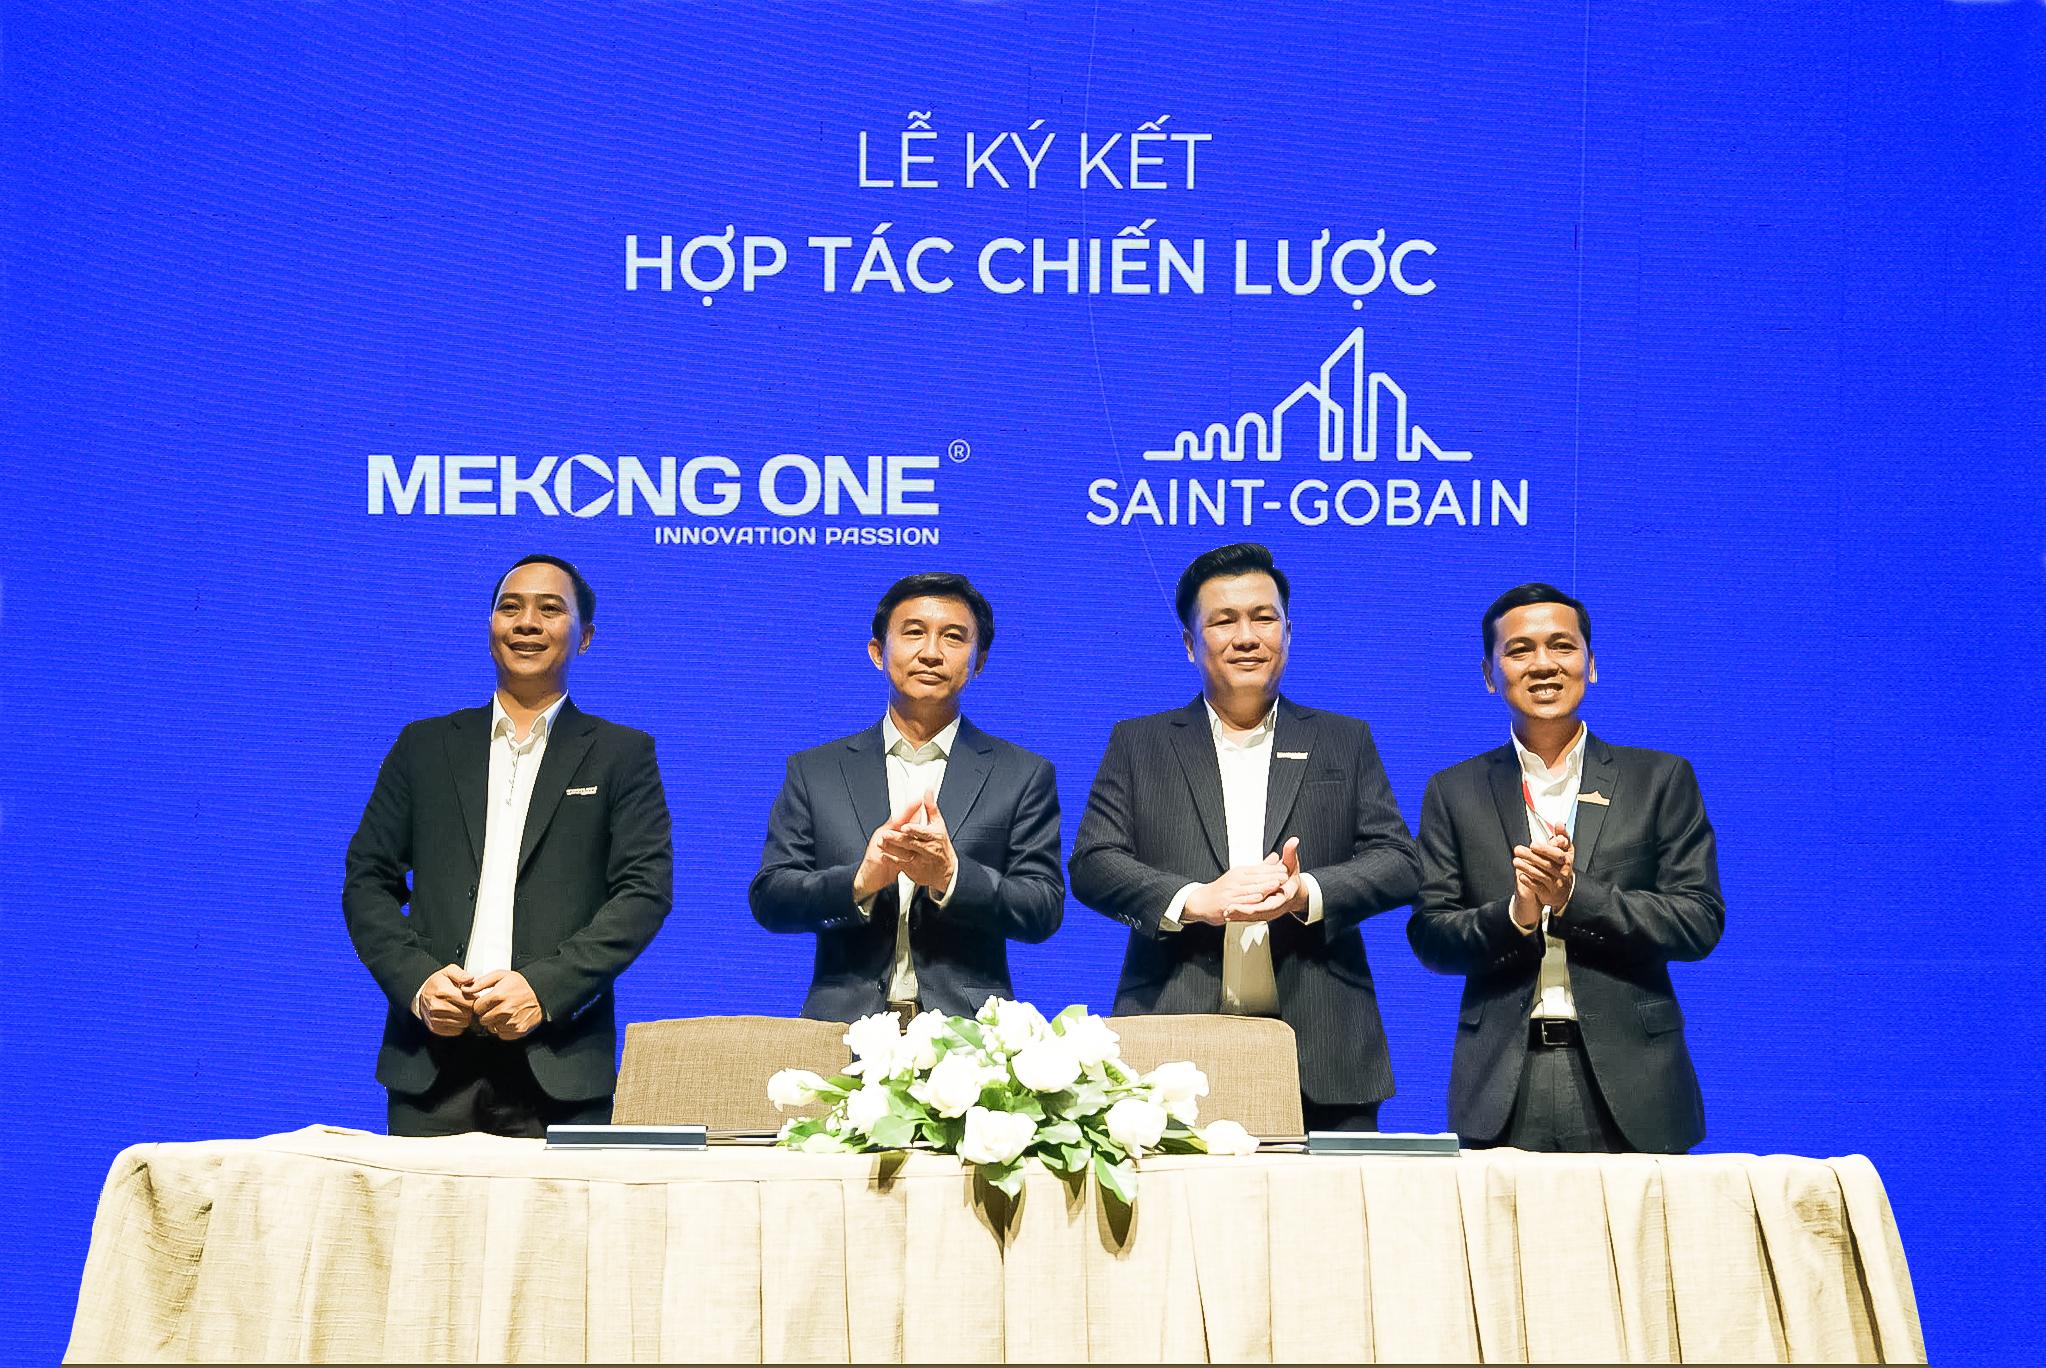 Hợp tác chiến lược Mekong One - Saint-Gobain